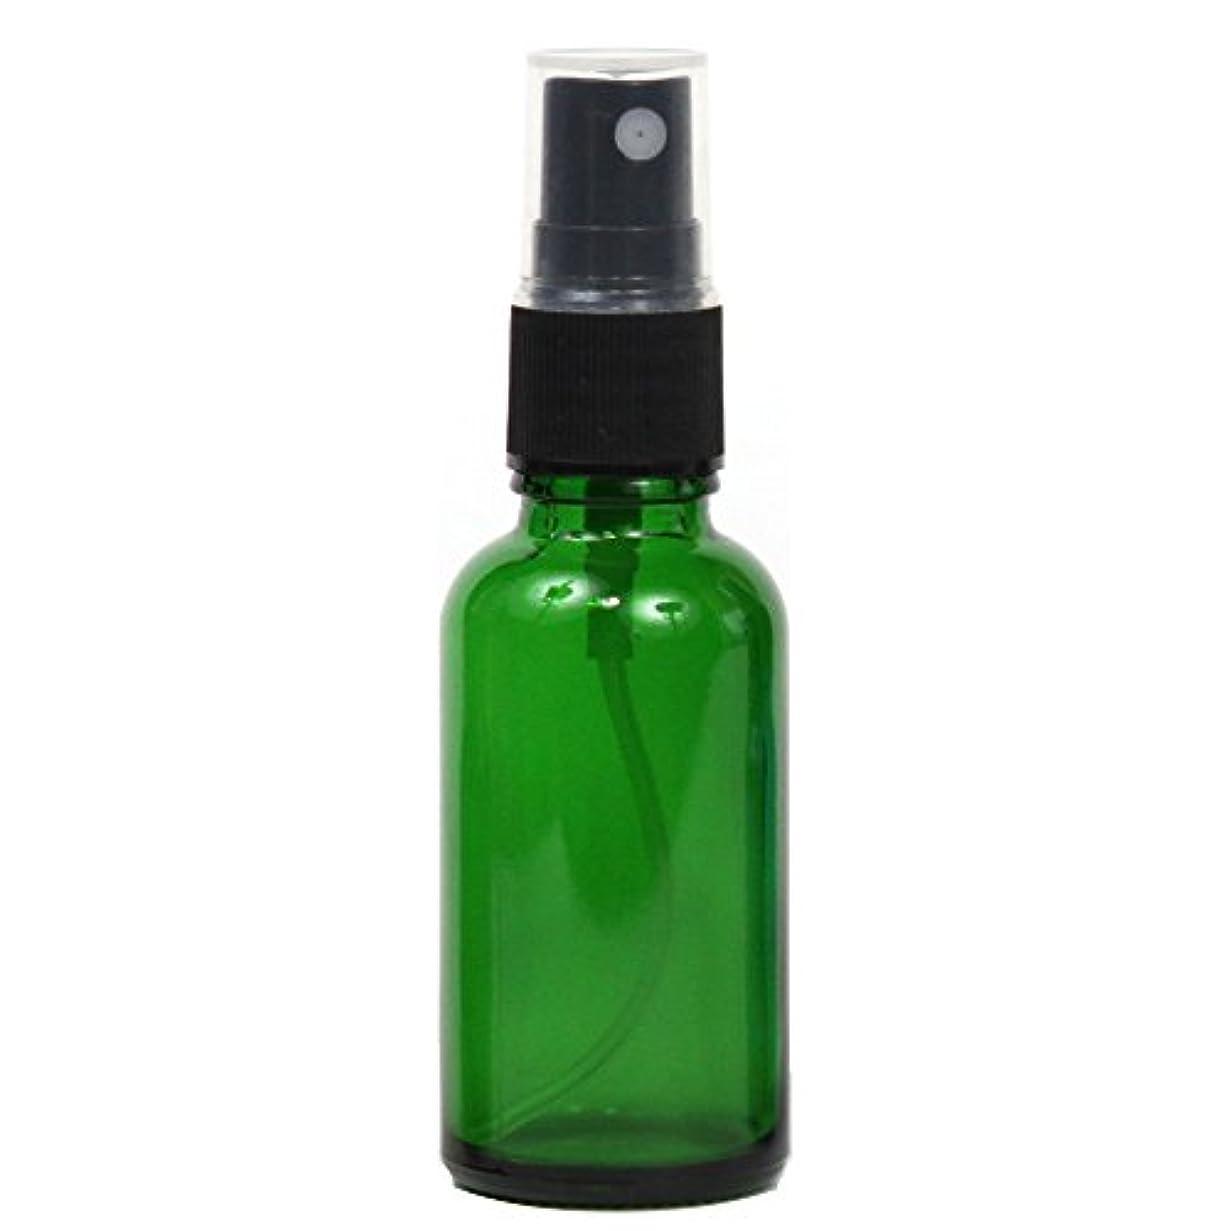 仮装ベッツィトロットウッドミュートスプレーボトル 30mL ガラス遮光性グリーン 瓶 空容器